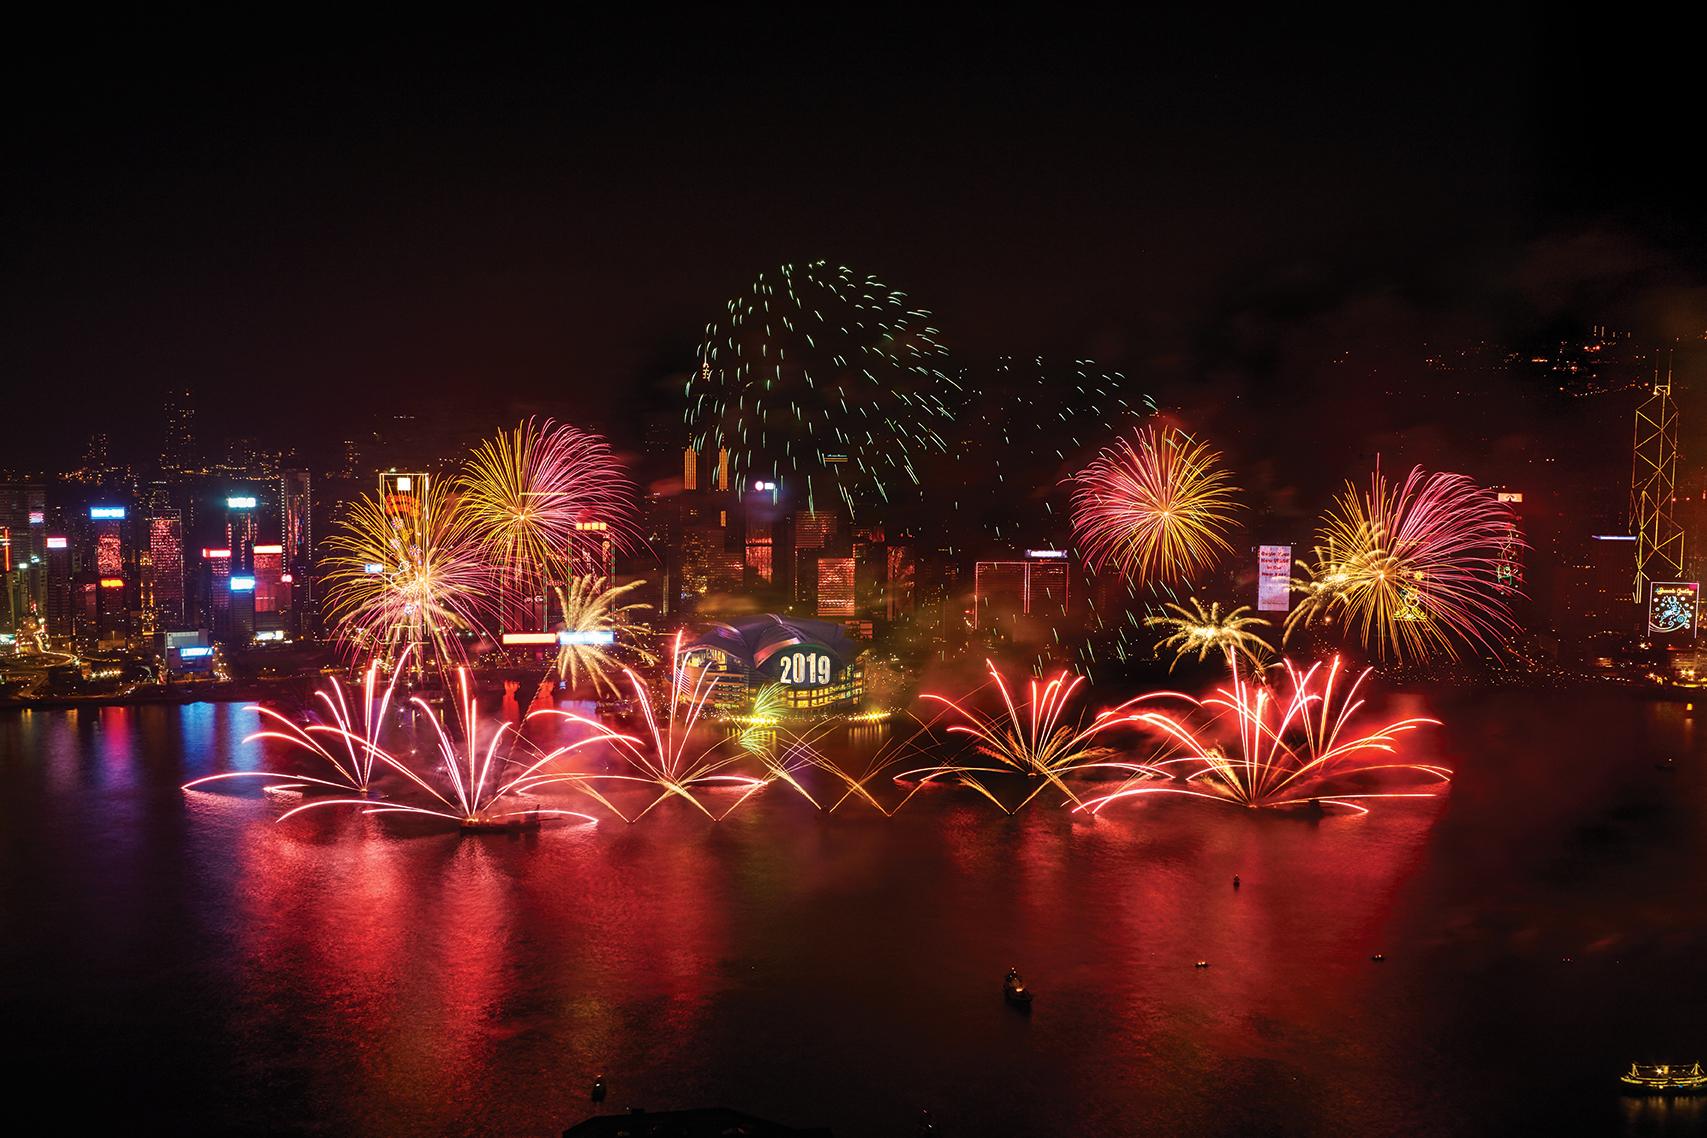 Zum Jahreswechsel bieten die Städte rund um den Globus ihren Einwohnern und Besuchern Feuerwerk-Shows der Superlative mit Rekordabsichten.